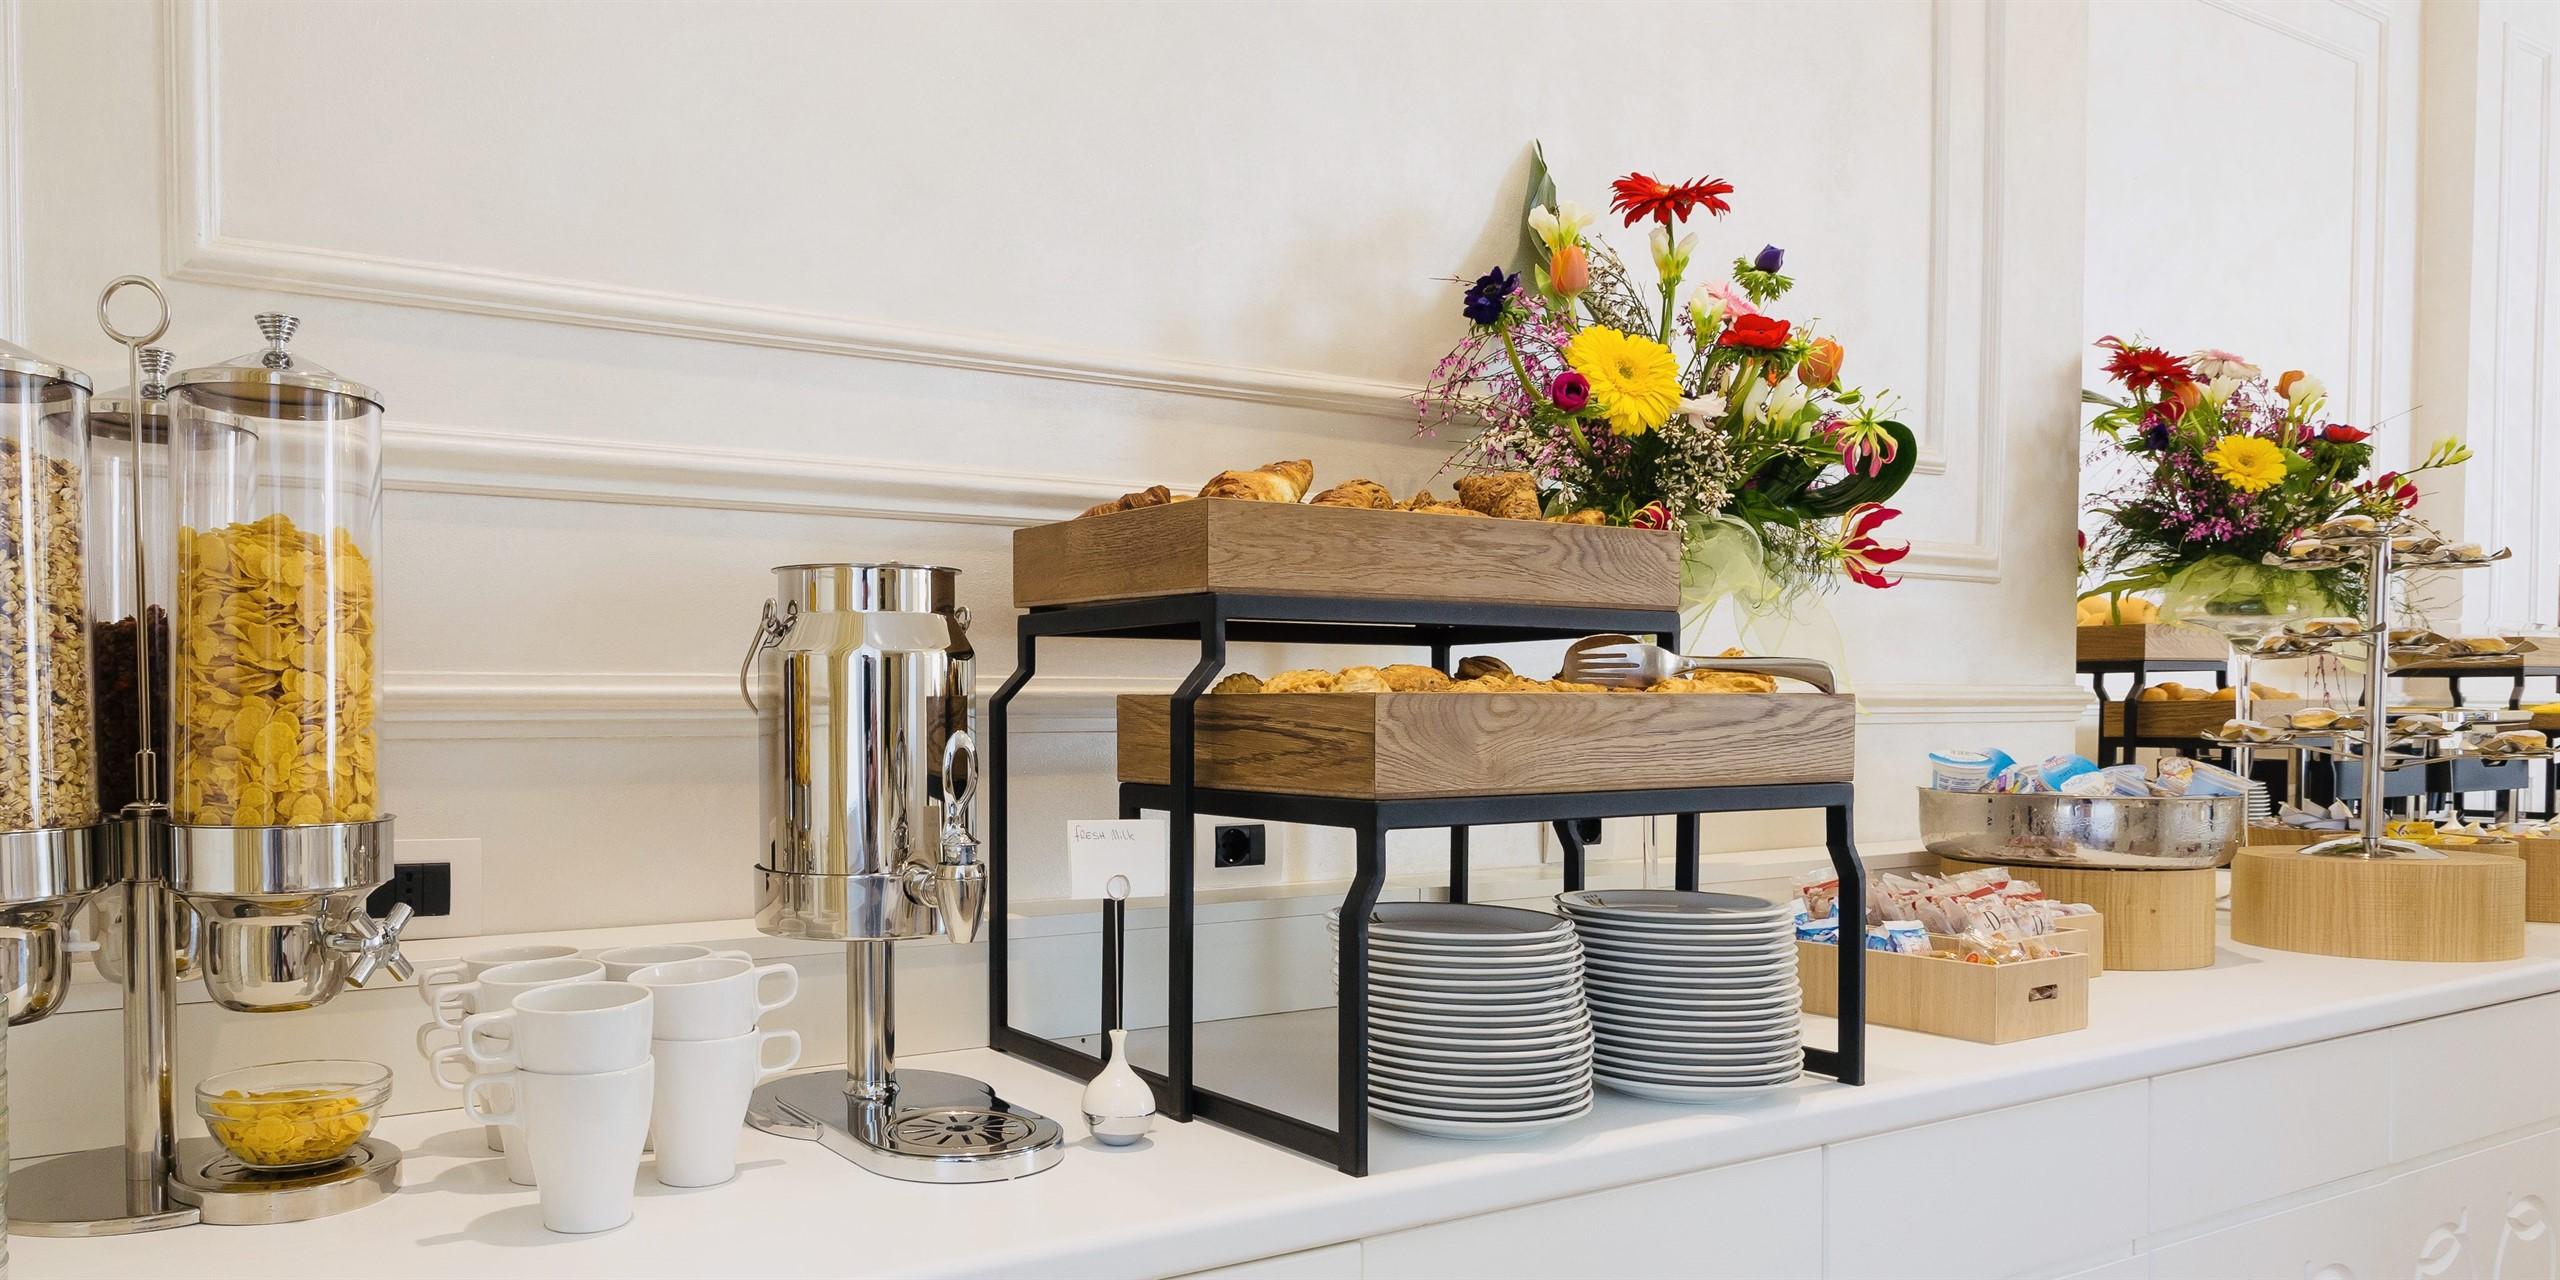 buffet per colazione forniture alberghiere yegam